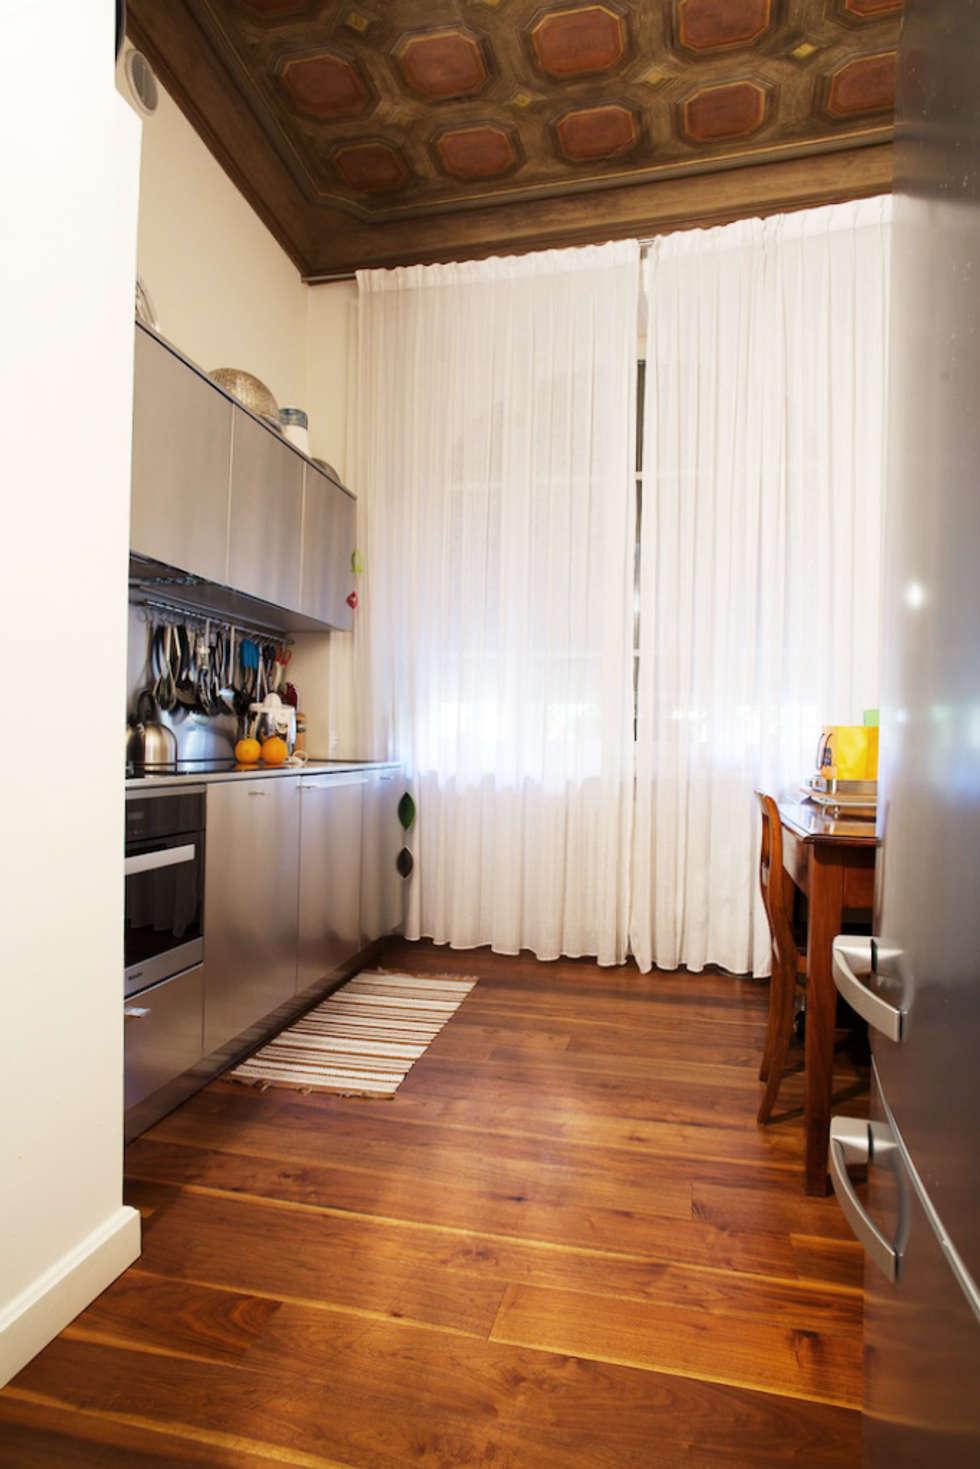 La cucina: Cucina in stile in stile Moderno di DF Design